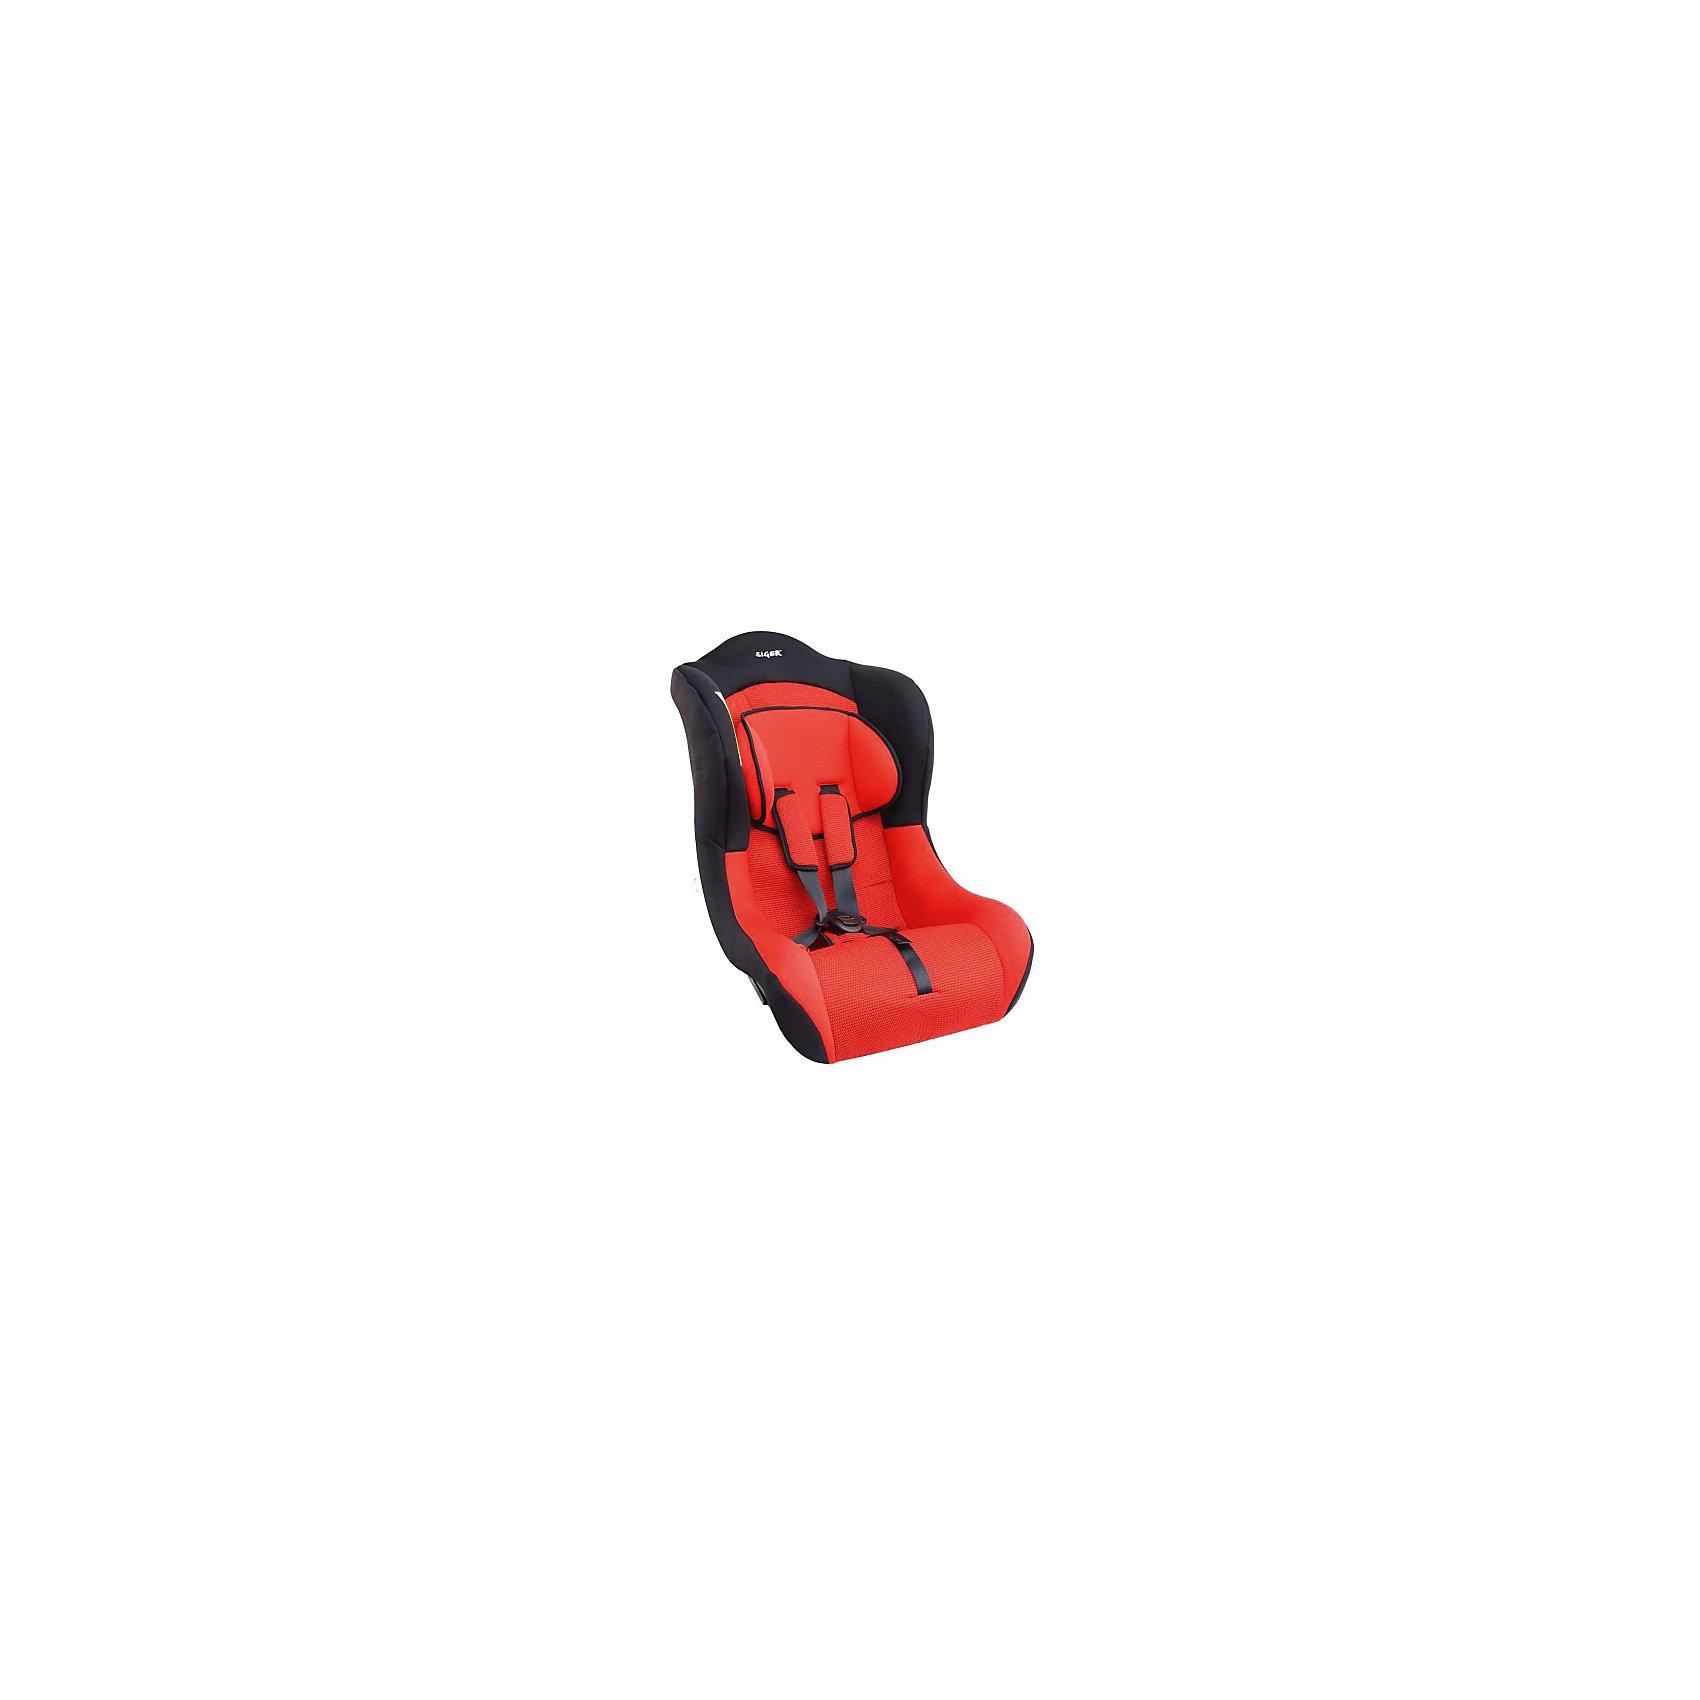 Автокресло Siger Тотем 0-18 кг, красныйГруппа 0+, 1 (До 18 кг)<br>Автокресло Тотем Siger разработано для комфортной и безопасной перевозки маленьких пассажиров 0 до 4-х лет. Сидение оснащено мягким подголовником, который защищает голову ребенка с трех сторон. Ортопедическая форма кресла изготовлена из ударопрочного пластика с усиленной боковой поддержкой. Внутренние ремни регулируются в четырех положениях, по высоте и глубине.<br><br>Дополнительная информация:<br><br>- Материал: текстиль, пластик, металл.<br>- Размер: 60х45х65 см<br>- Возраст: от 0 до 3-4 лет<br>- Группа: 1 (0-18 кг)<br>- Вес кресла: 3.7 кг<br>- Внутренние ремни безопасности<br>- Регулировка ремней по высоте: в 4 положениях<br>- Регулировка ремней по глубине: в 2 положениях<br><br>Автокресло Тотем 0-18 кг., Siger, красный можно купить в нашем интернет-магазине.<br><br>Ширина мм: 610<br>Глубина мм: 450<br>Высота мм: 645<br>Вес г: 4800<br>Возраст от месяцев: 0<br>Возраст до месяцев: 48<br>Пол: Унисекс<br>Возраст: Детский<br>SKU: 4809109